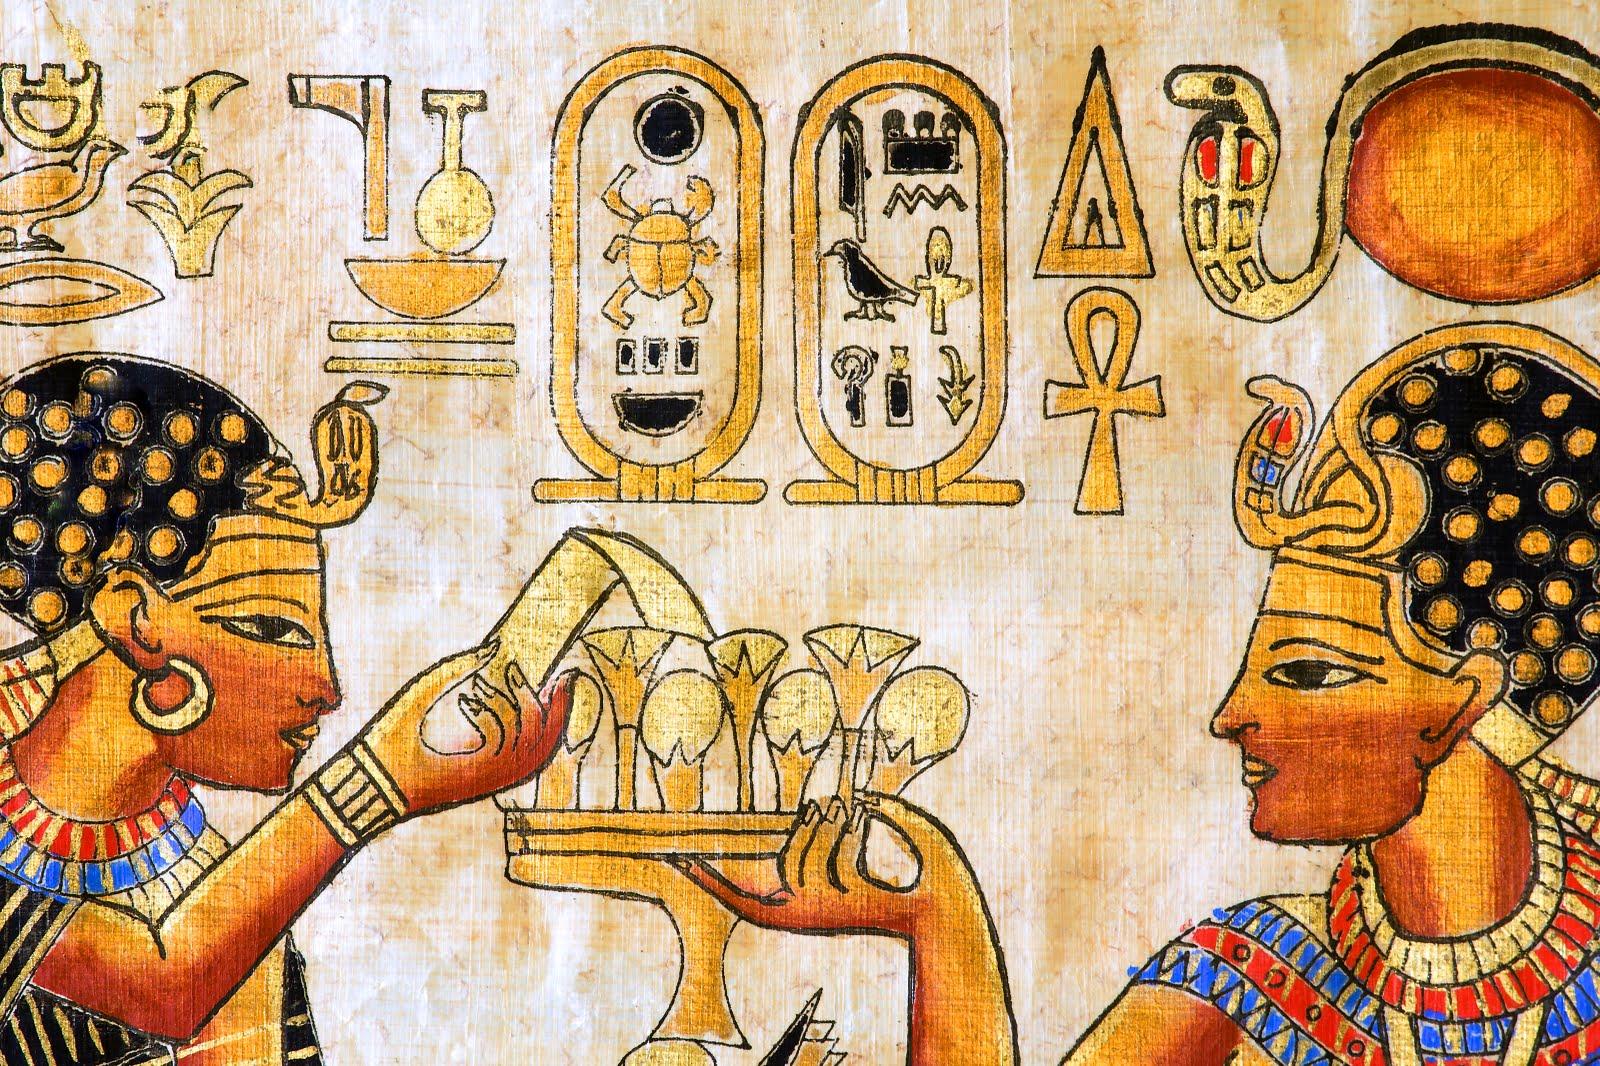 Im genes de la cultura egipcia 5 elementos im genes de - Bathroom items that start with l ...